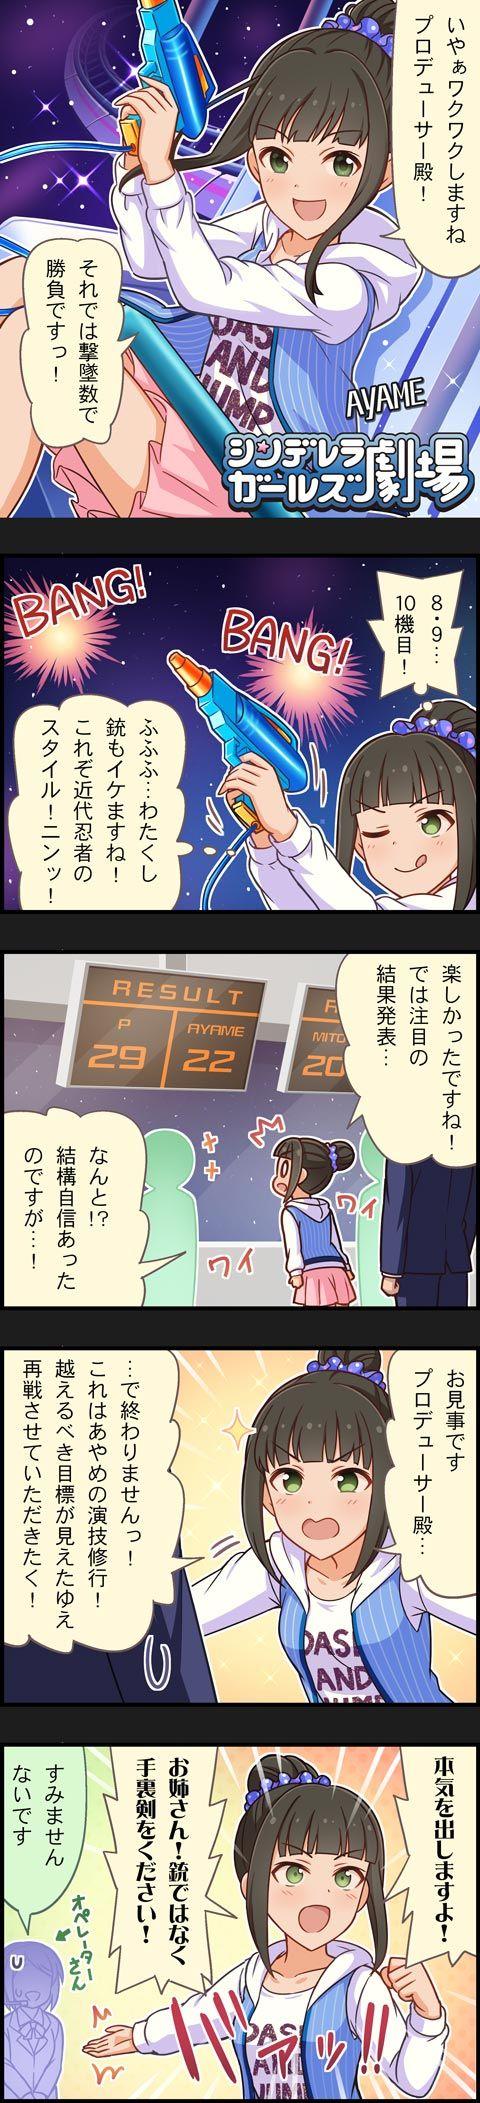 【第1010話】アレをください!